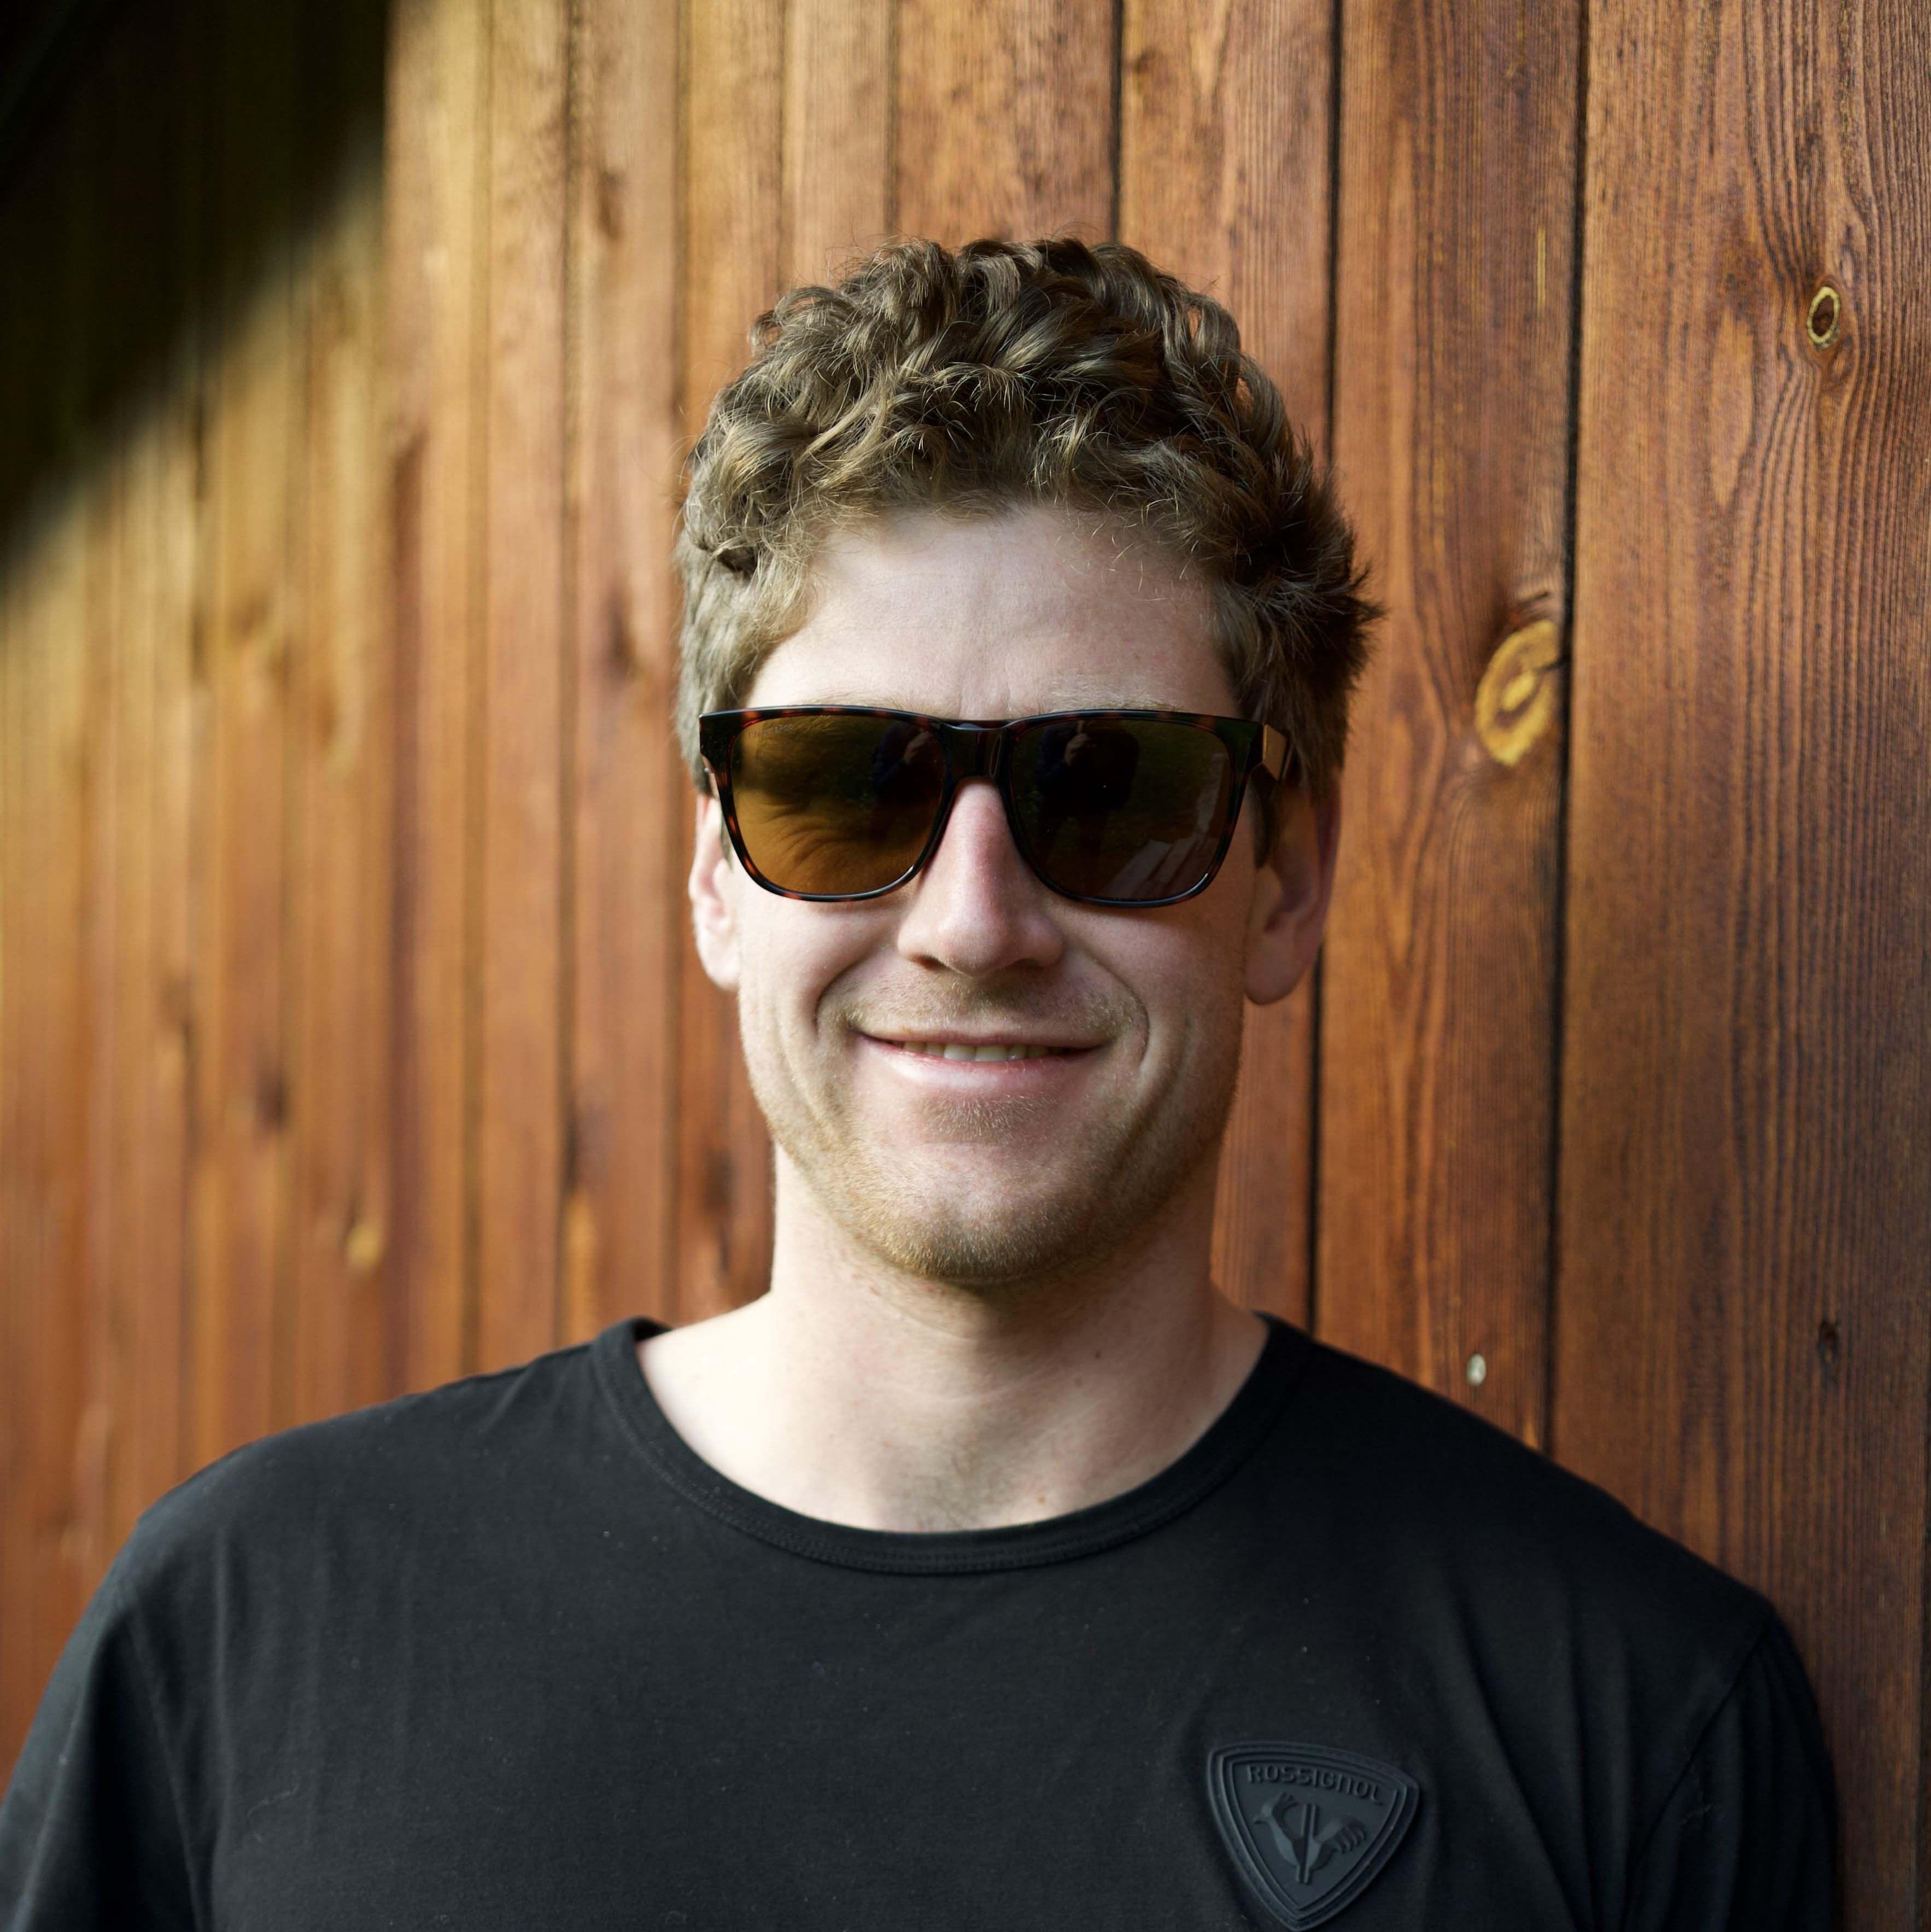 Ryan Cochrane-Siegle